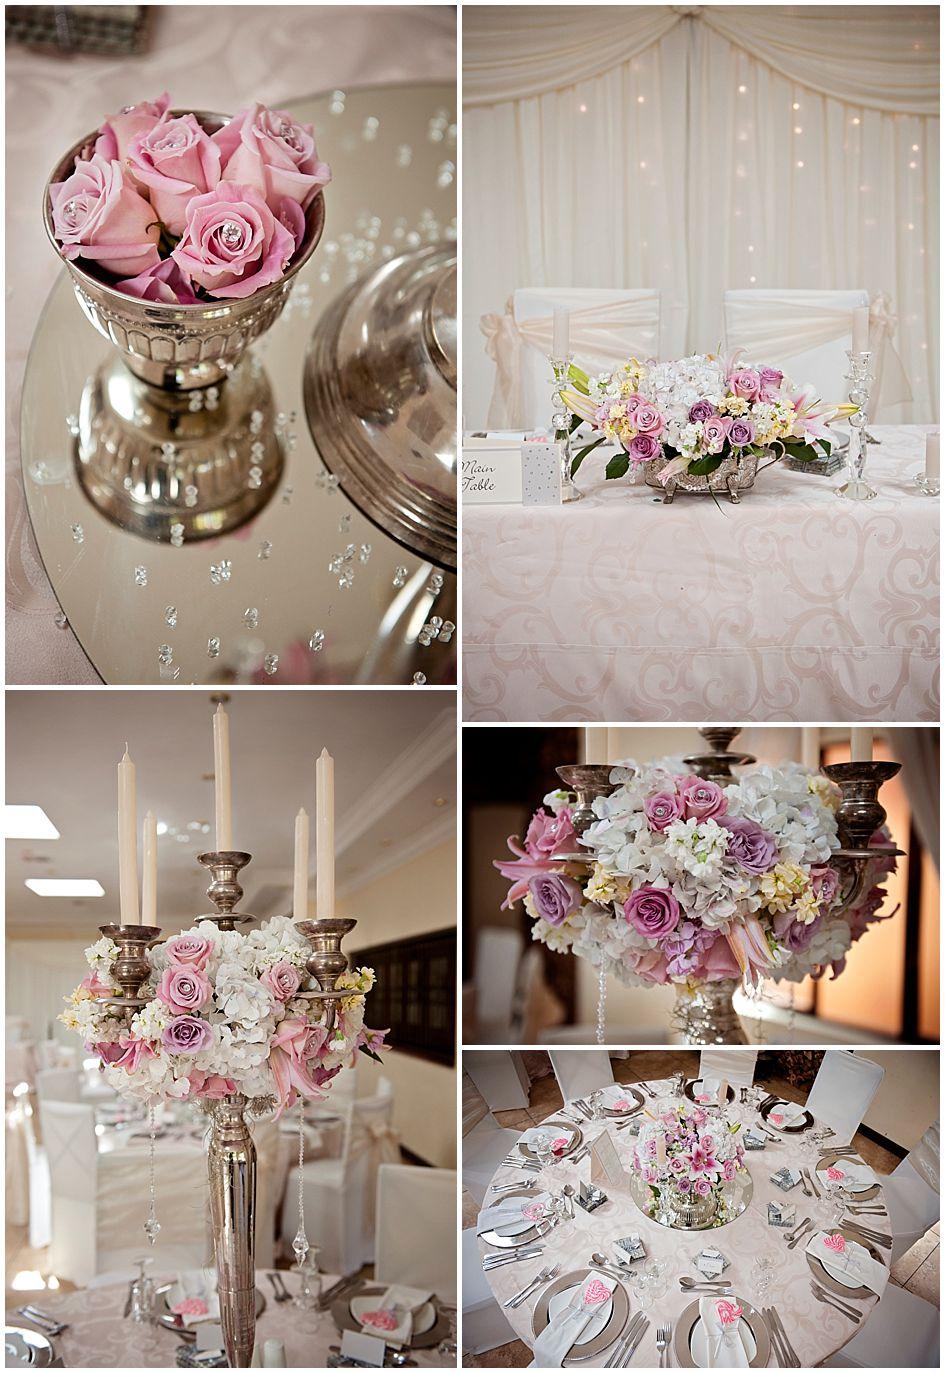 wedding-table-decor-ideas.jpg